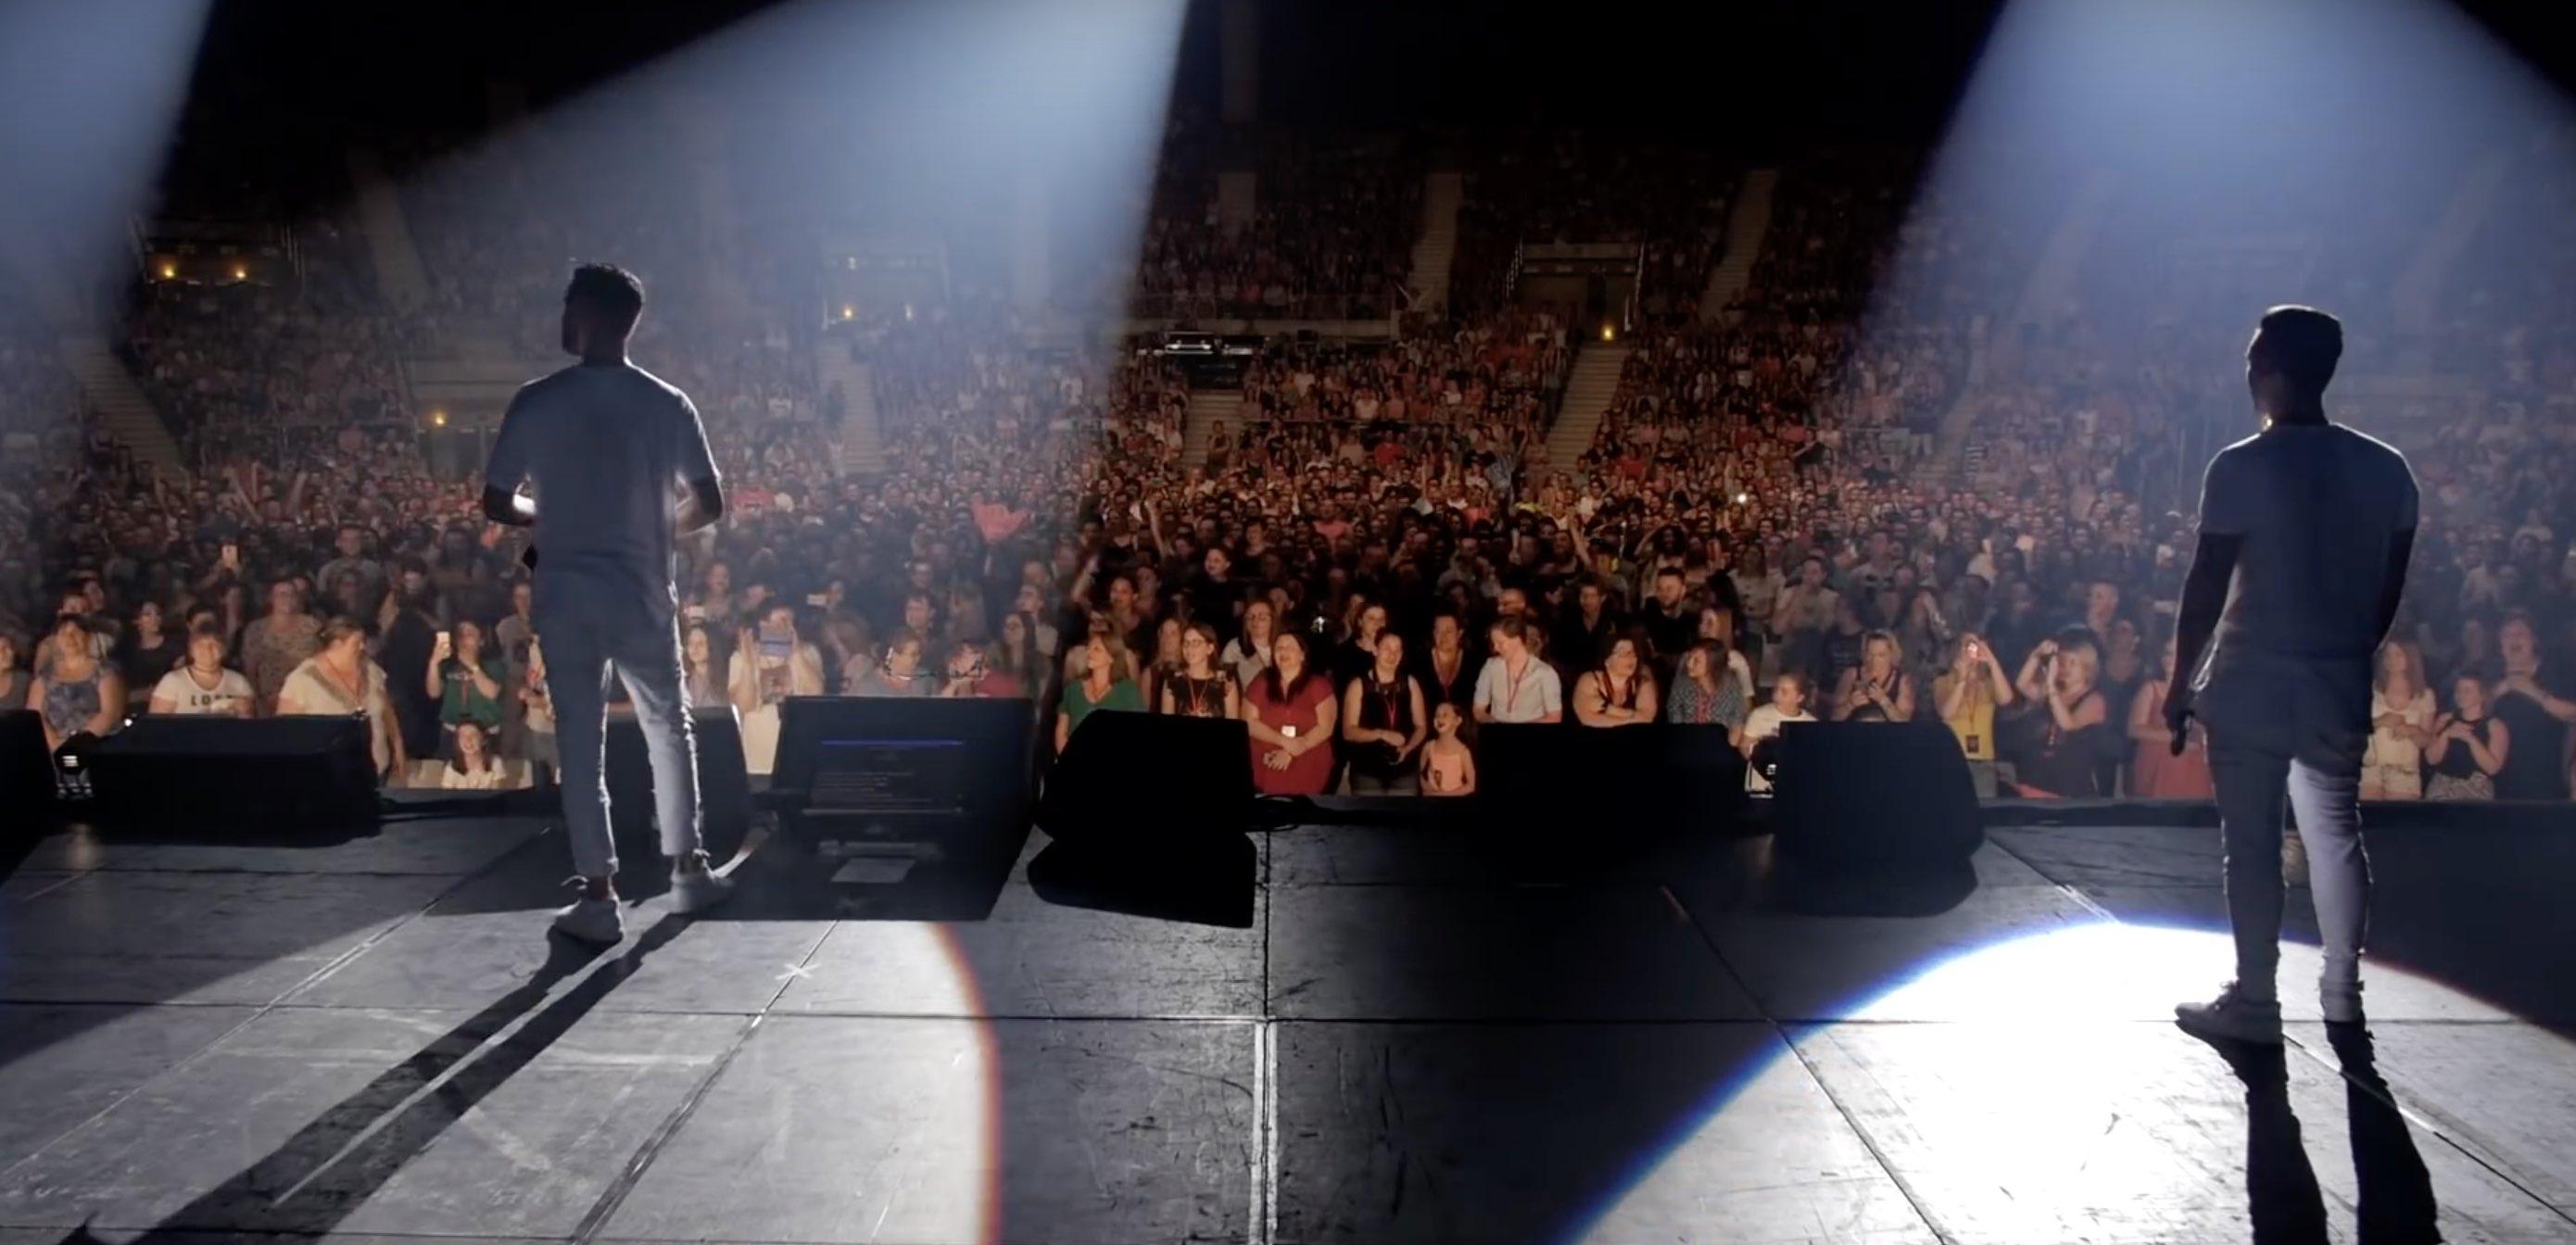 Keen'V - Live - concert - public